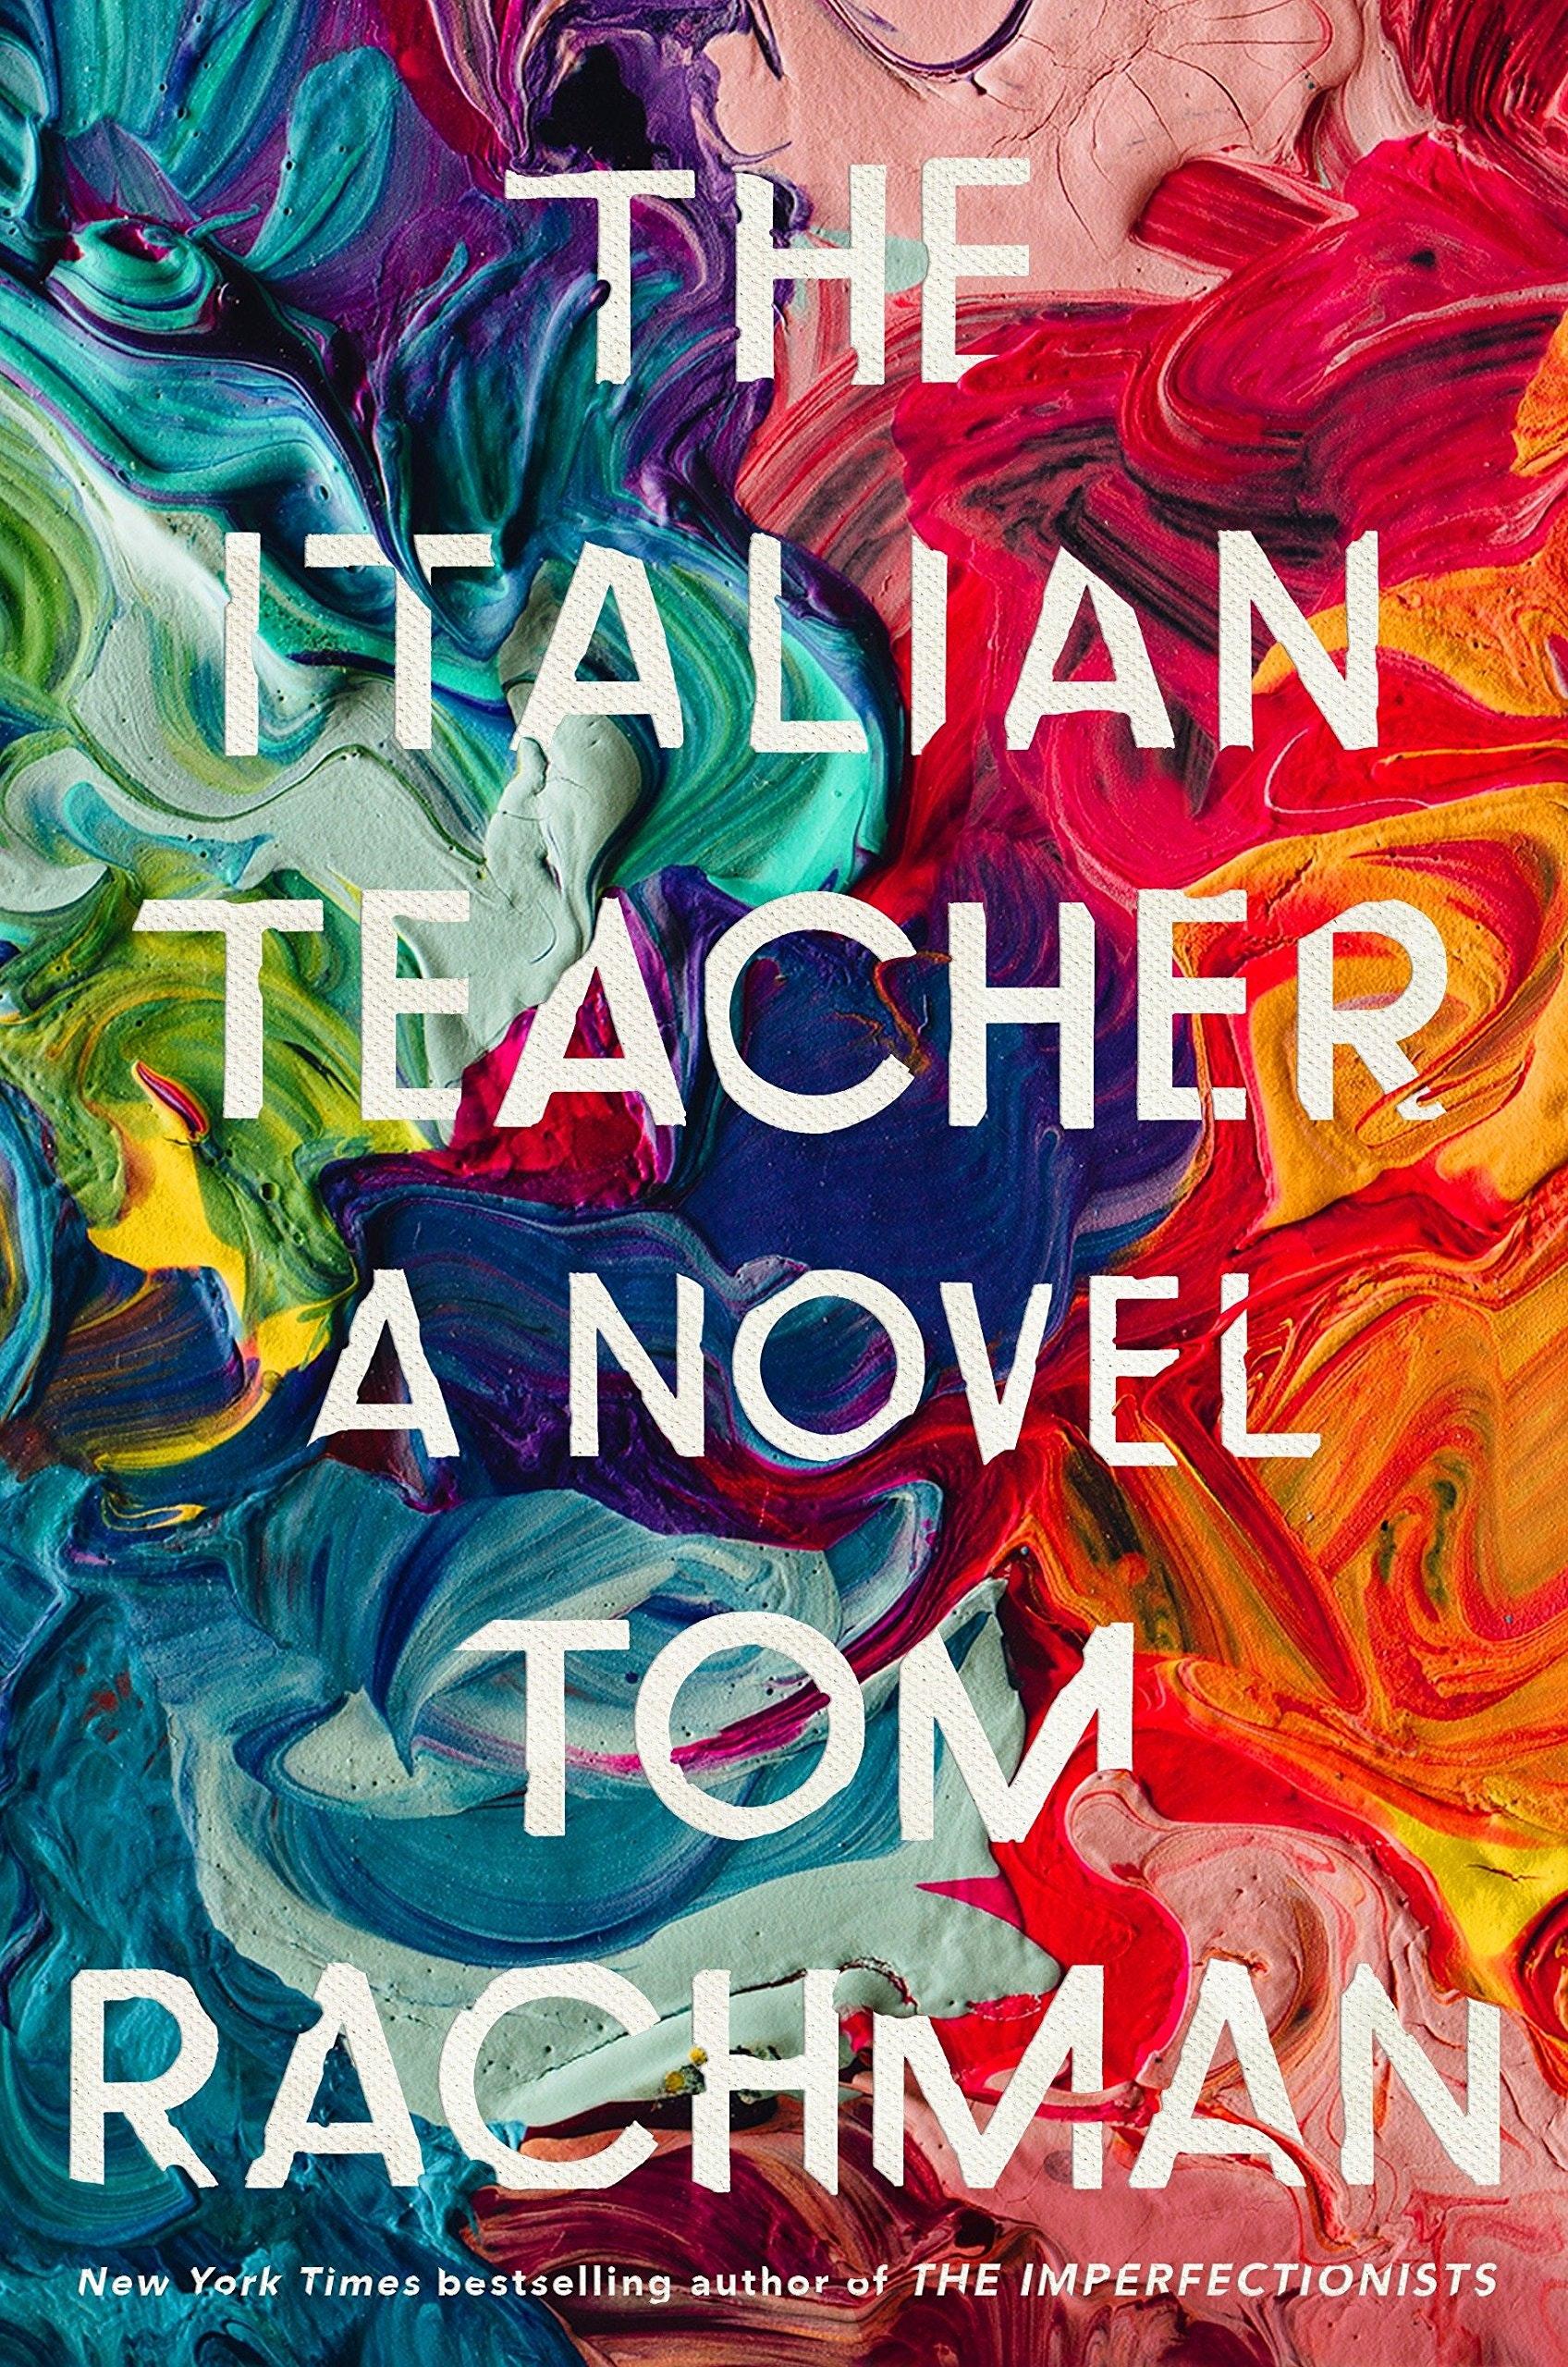 The italian teacher book coverr